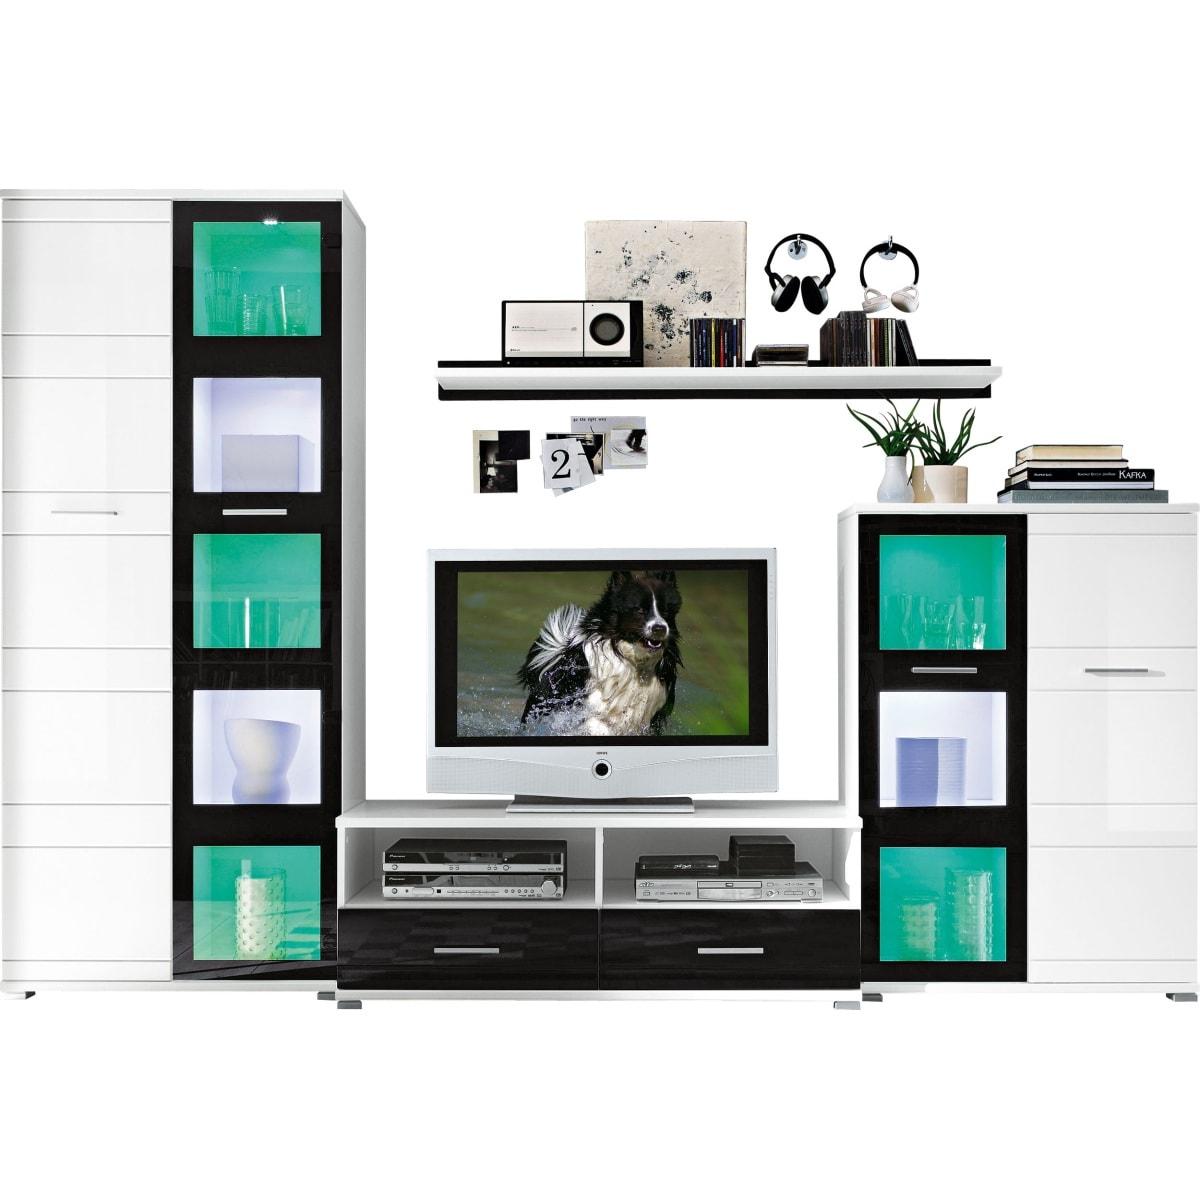 wohnwand wei schwarz wohnw nde wohnen m bel boss. Black Bedroom Furniture Sets. Home Design Ideas